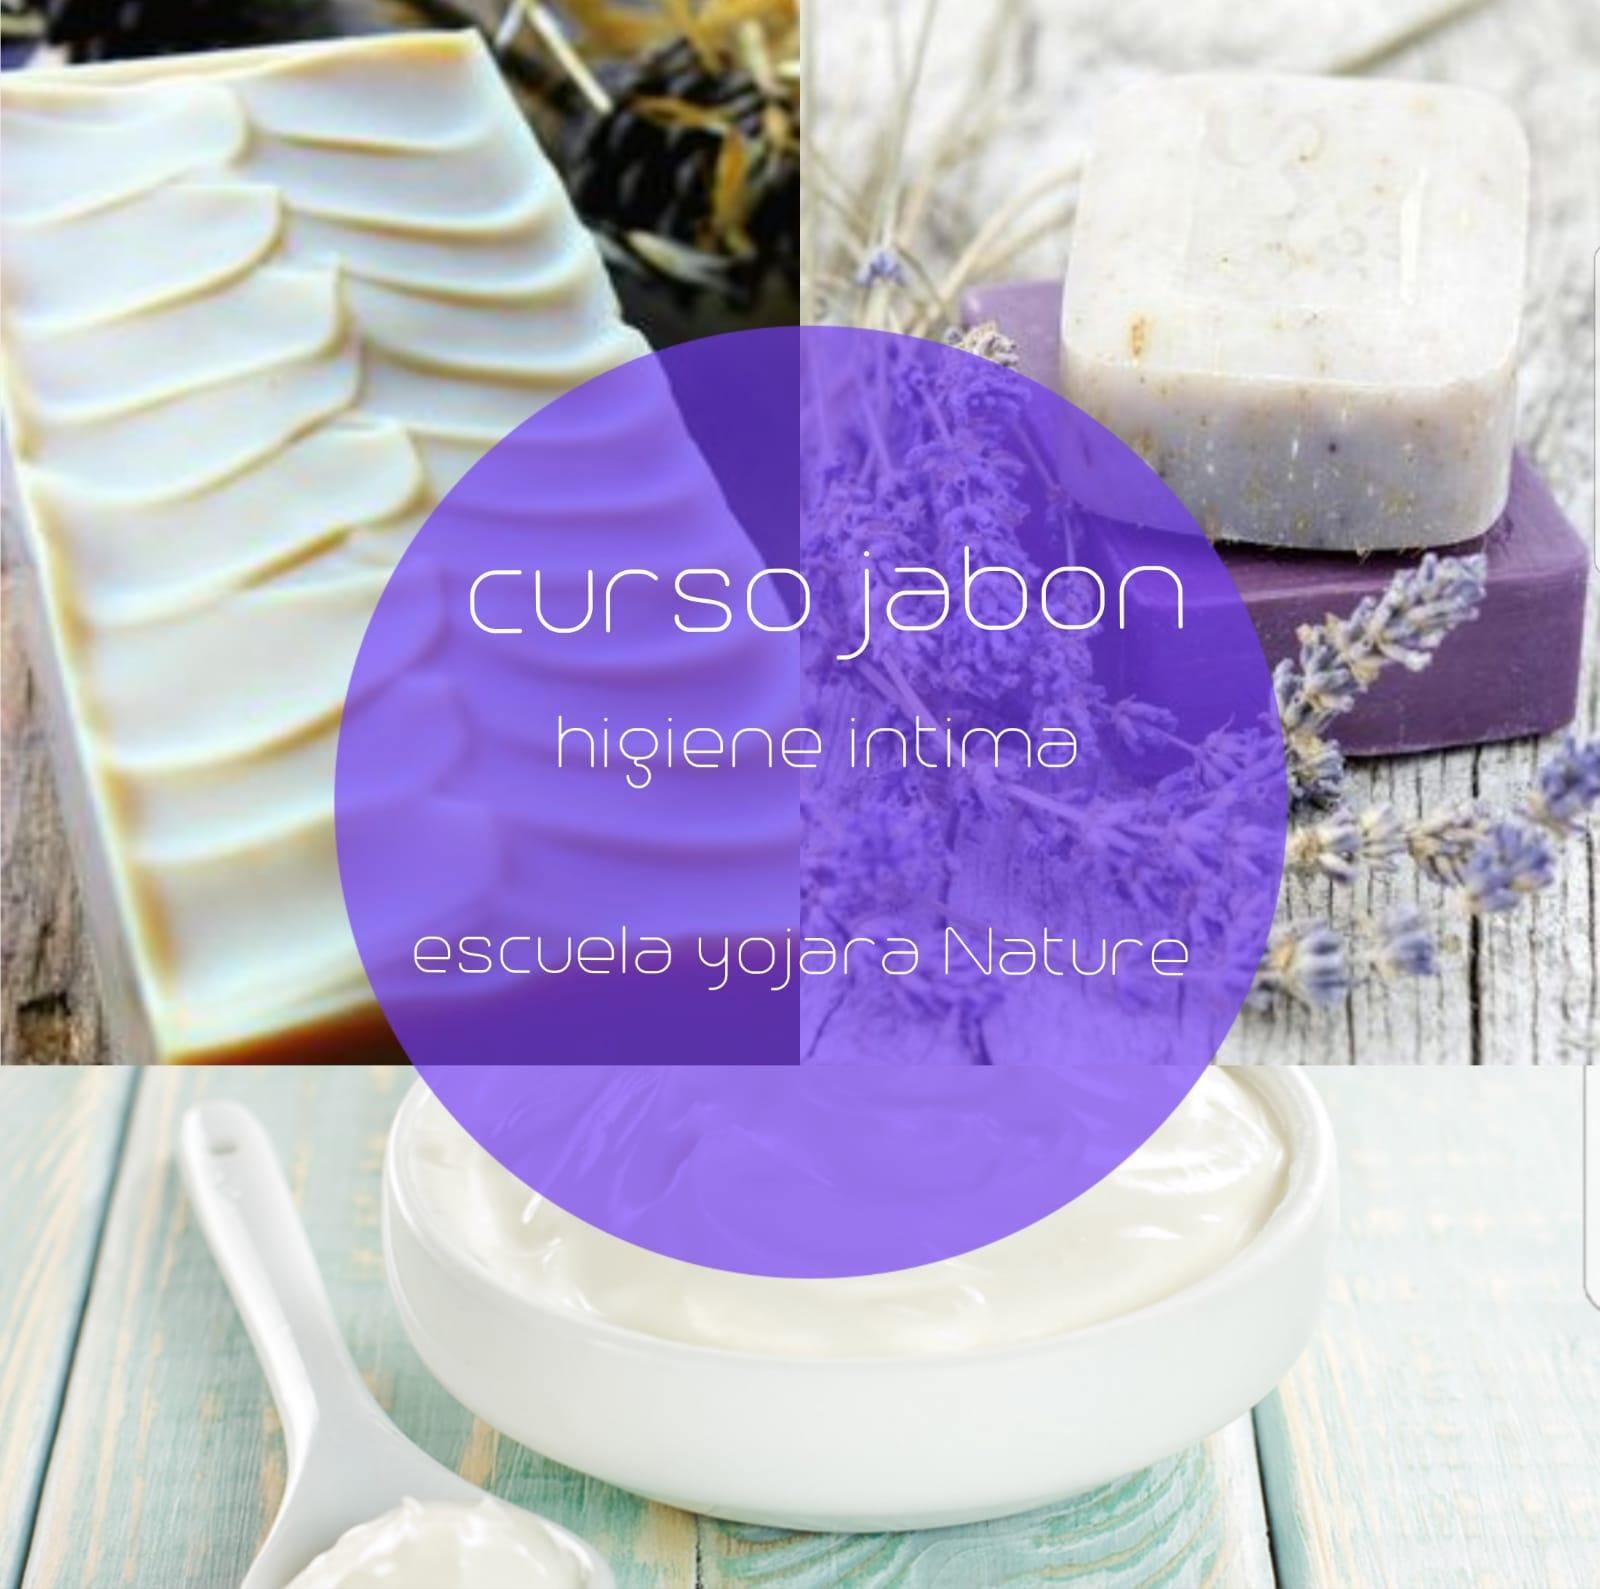 curso cosmetica natural, curso jabon higiene intima